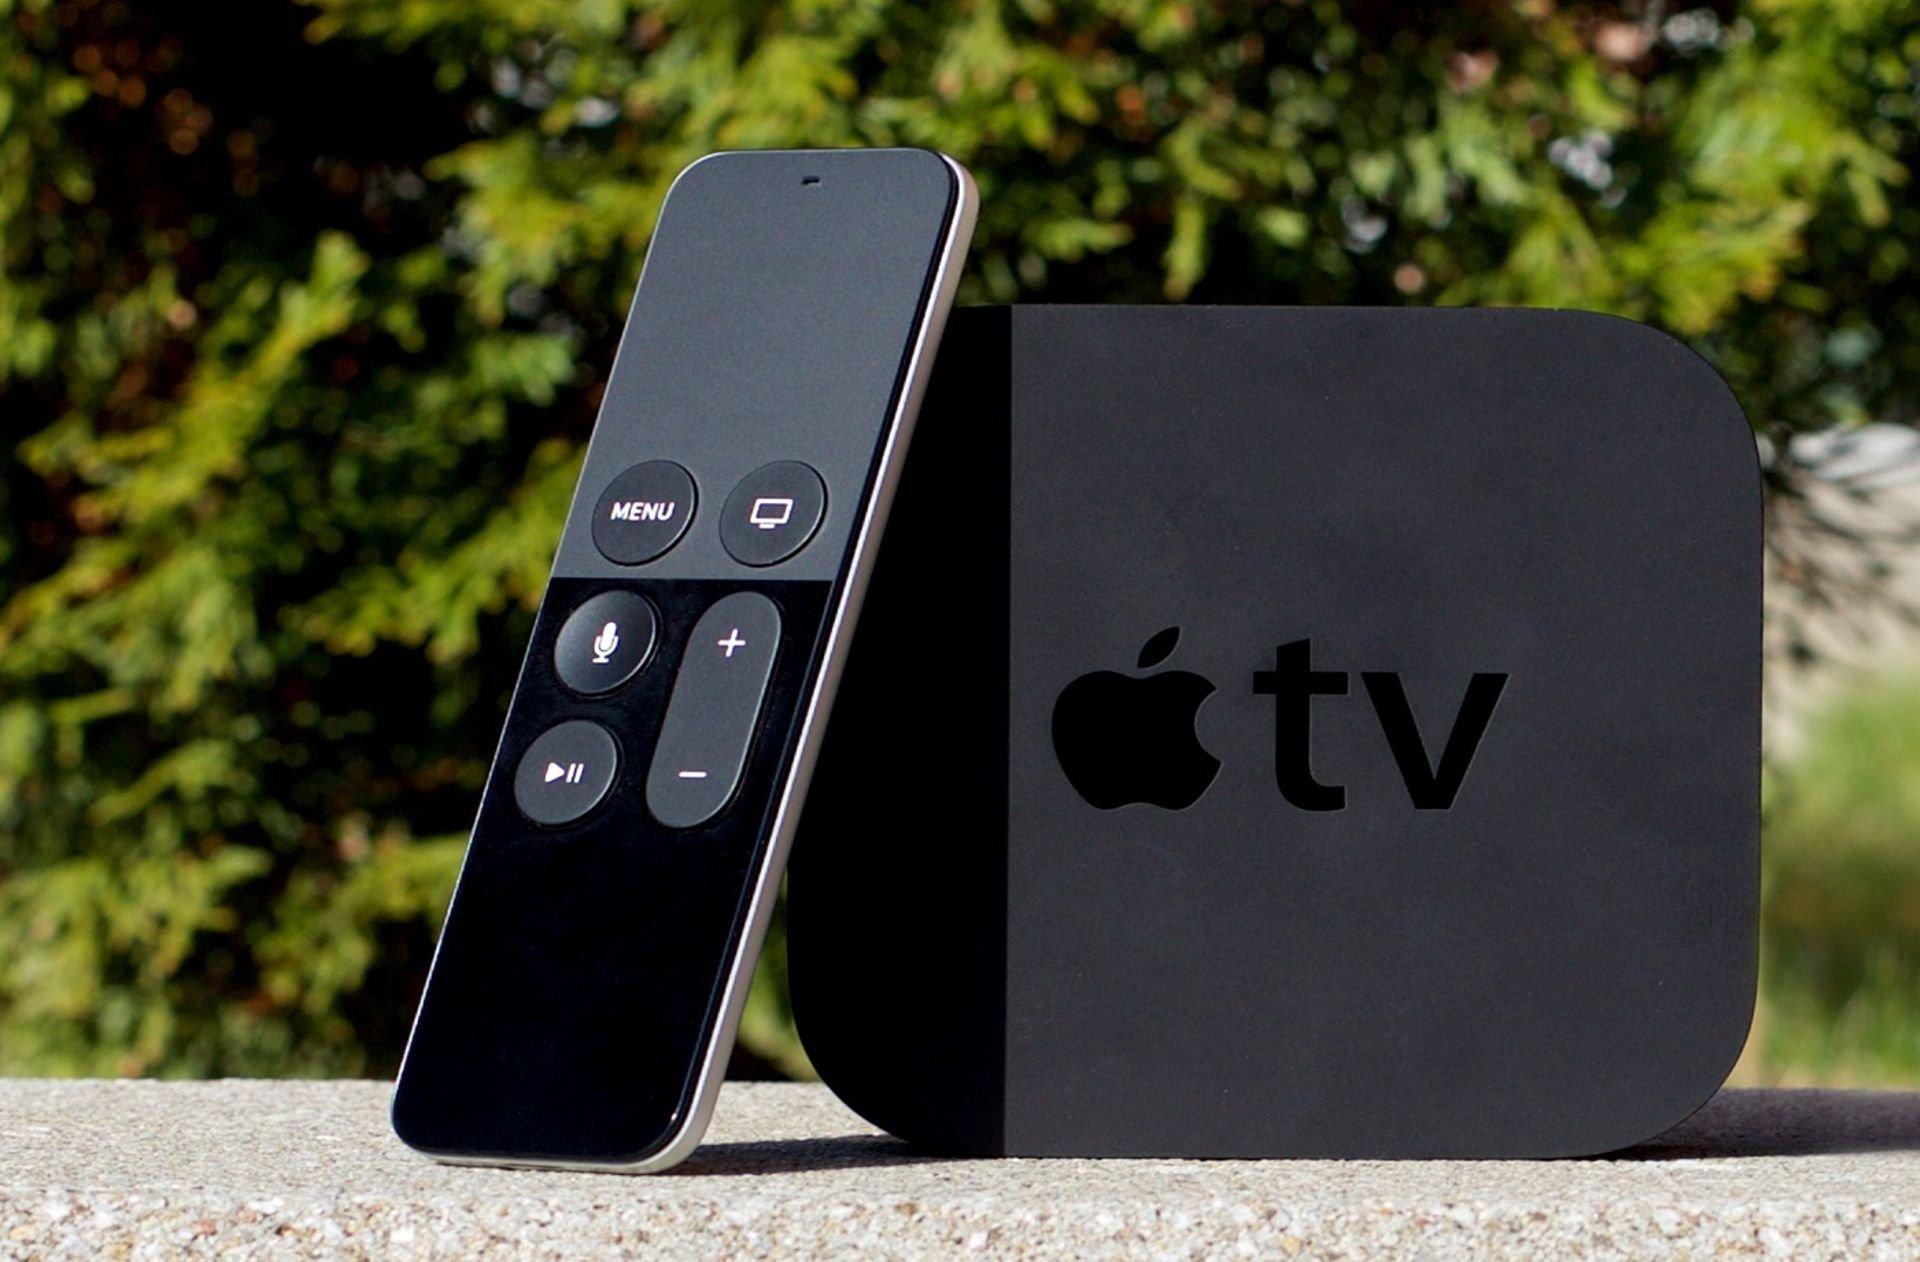 آبل تطور جهاز Apple TV مزودًا بكاميرا ومكبر صوت